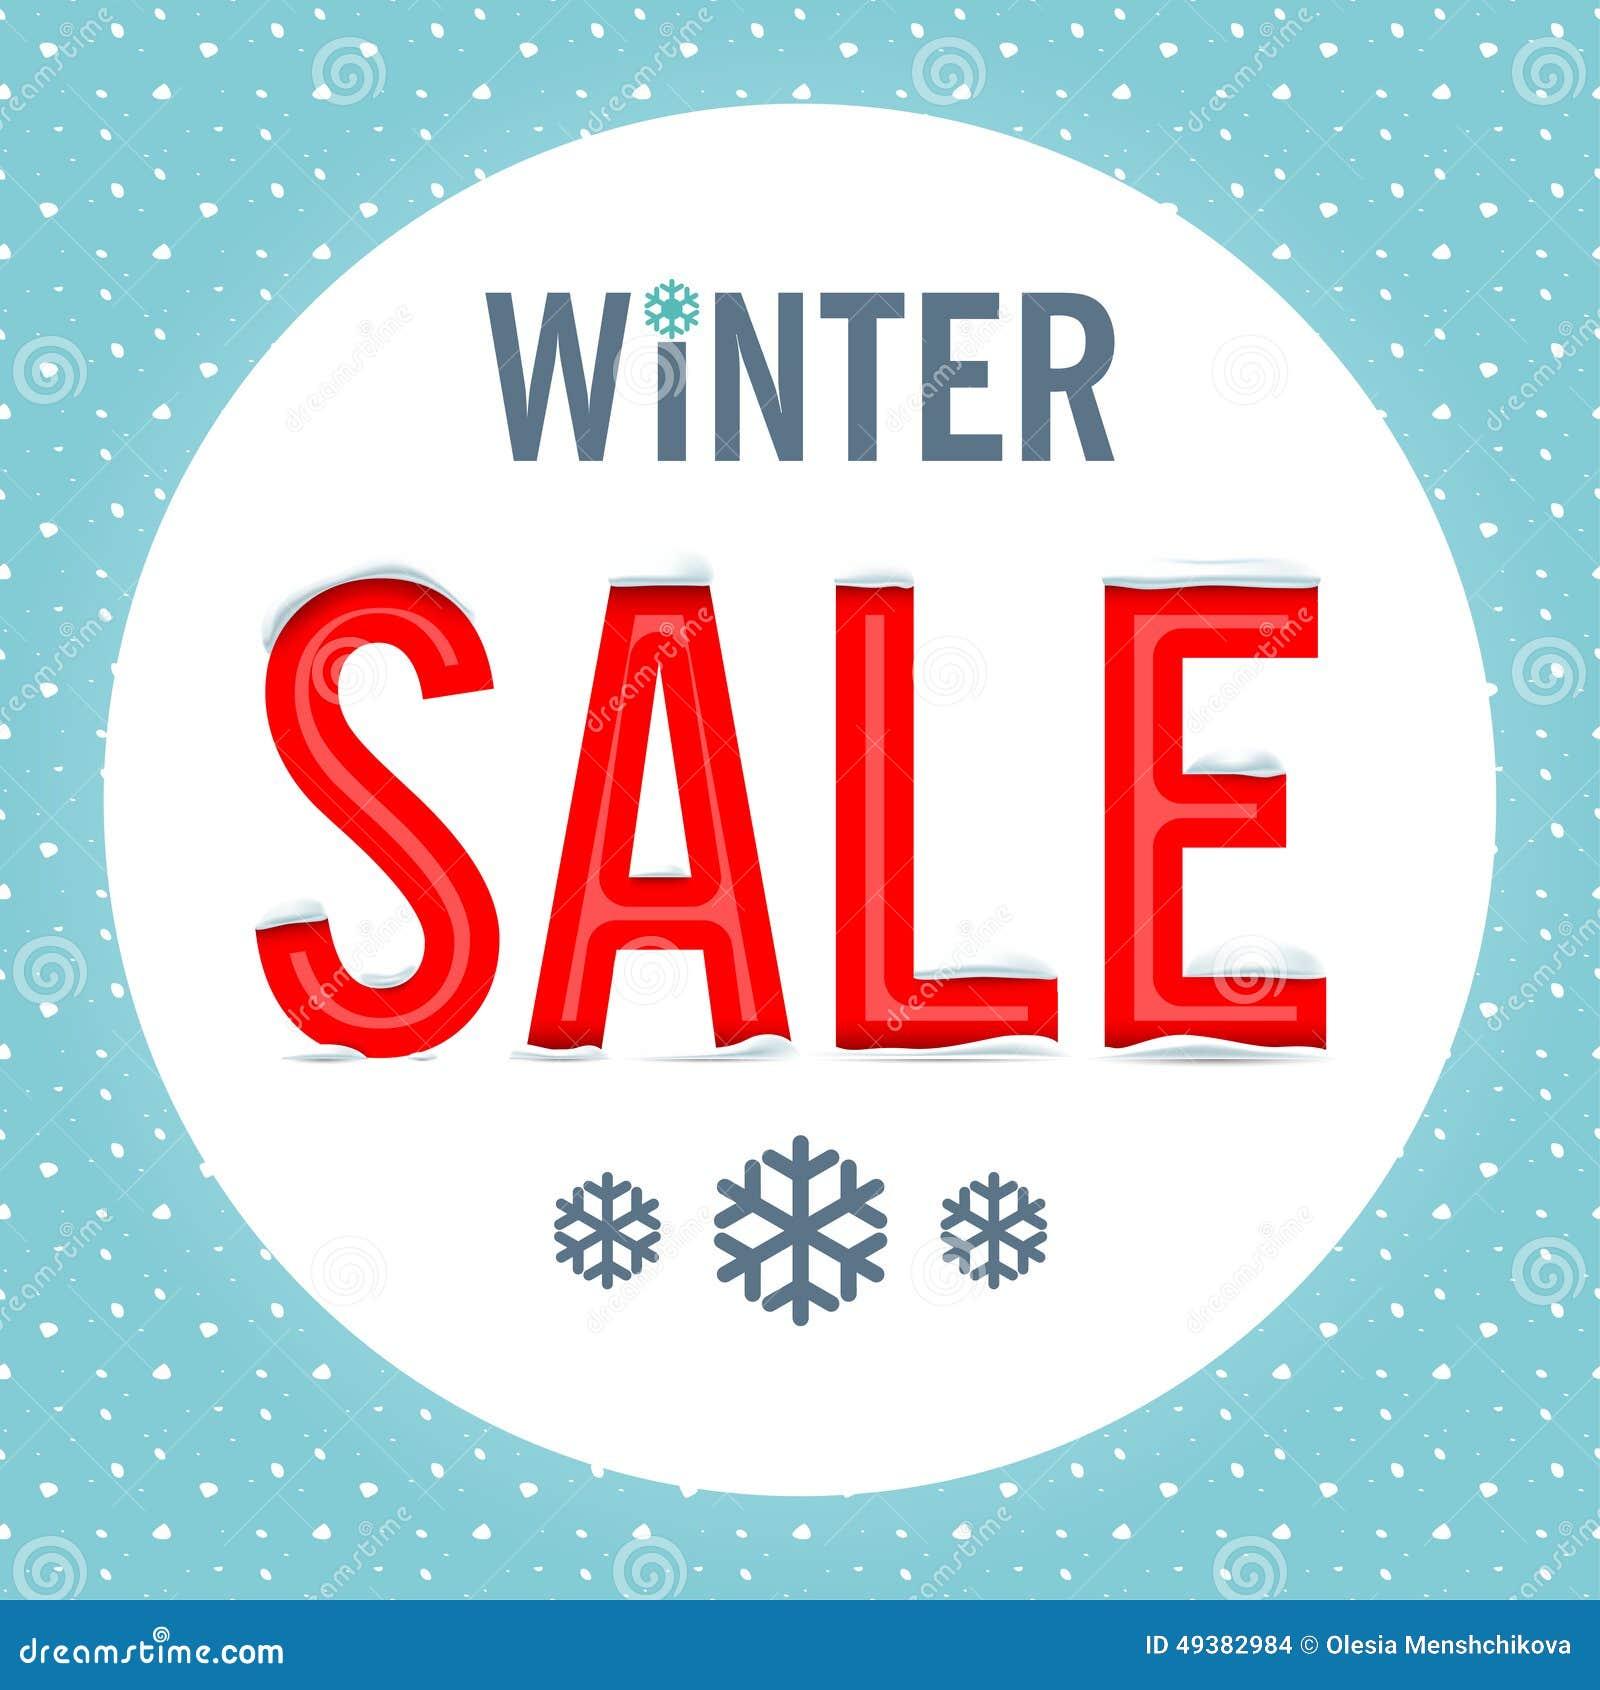 Vector. Winter sale